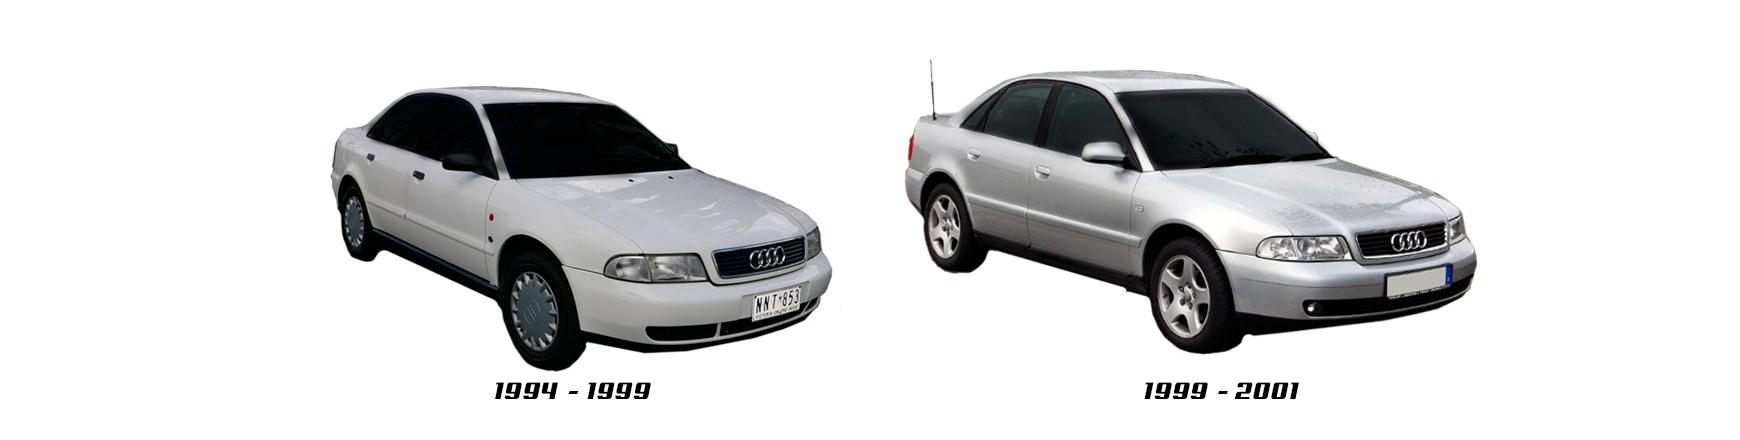 Audi A4 1994, 1995, 1996, 1997, 1998 y 1999.  Piezas para reparación.